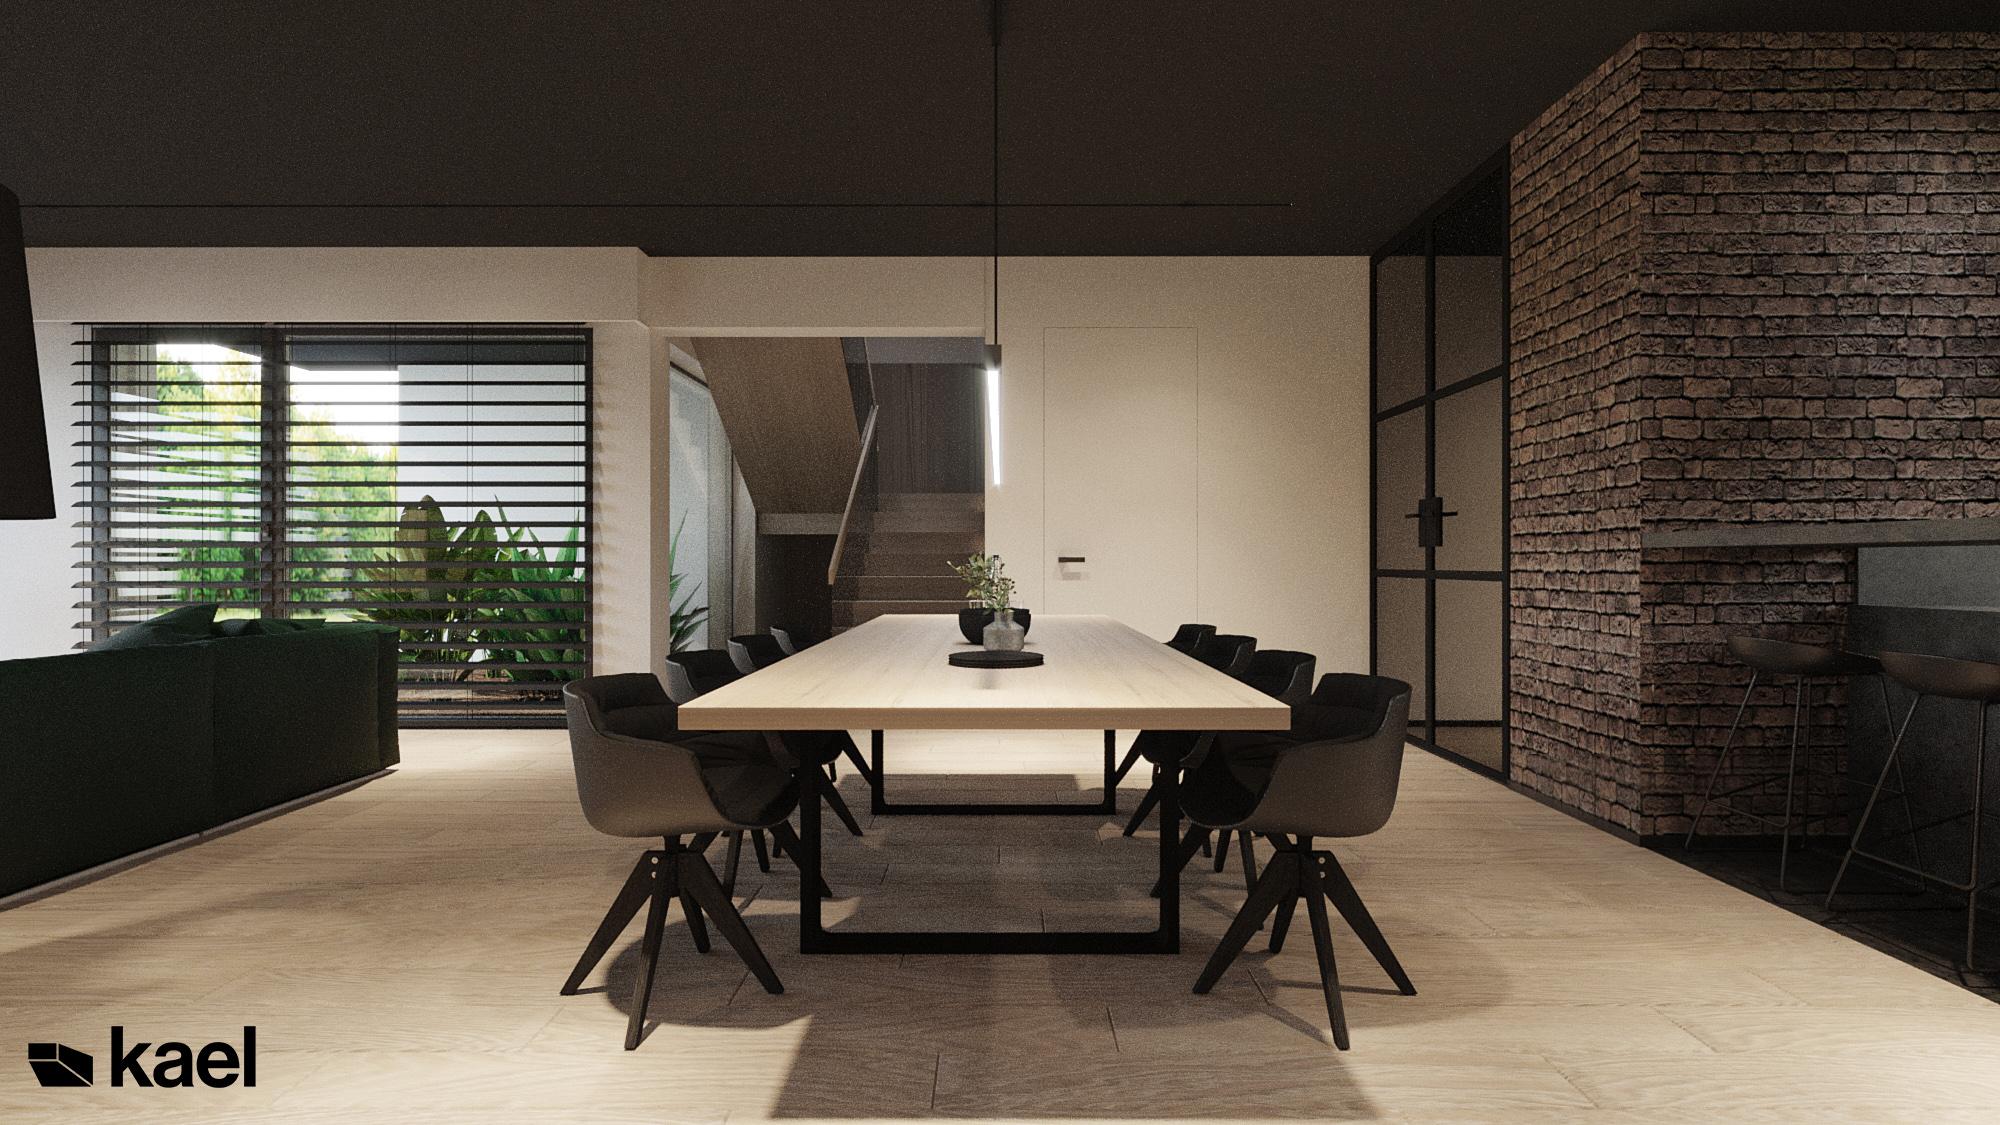 Jadalnia bokiem - Czumy II - projekt wnętrza domu w zabudowie szeregowej - Kael